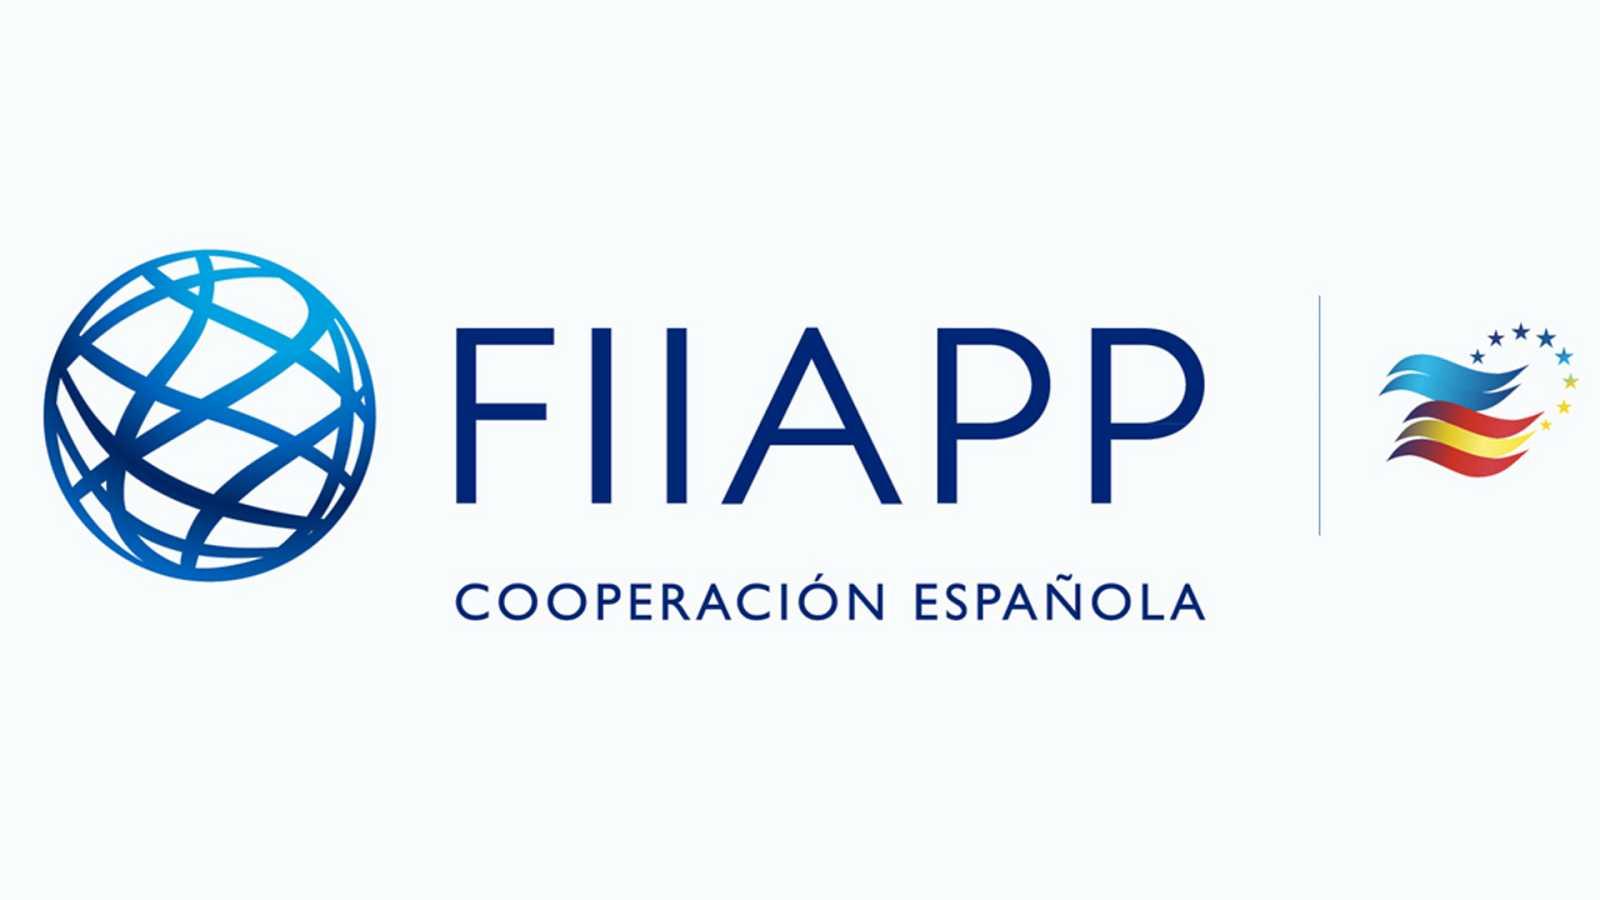 Cooperación pública en el mundo (FIAPP) - Día Internacional de las Administraciones Públicas - 23/06/21 - escuchar ahora